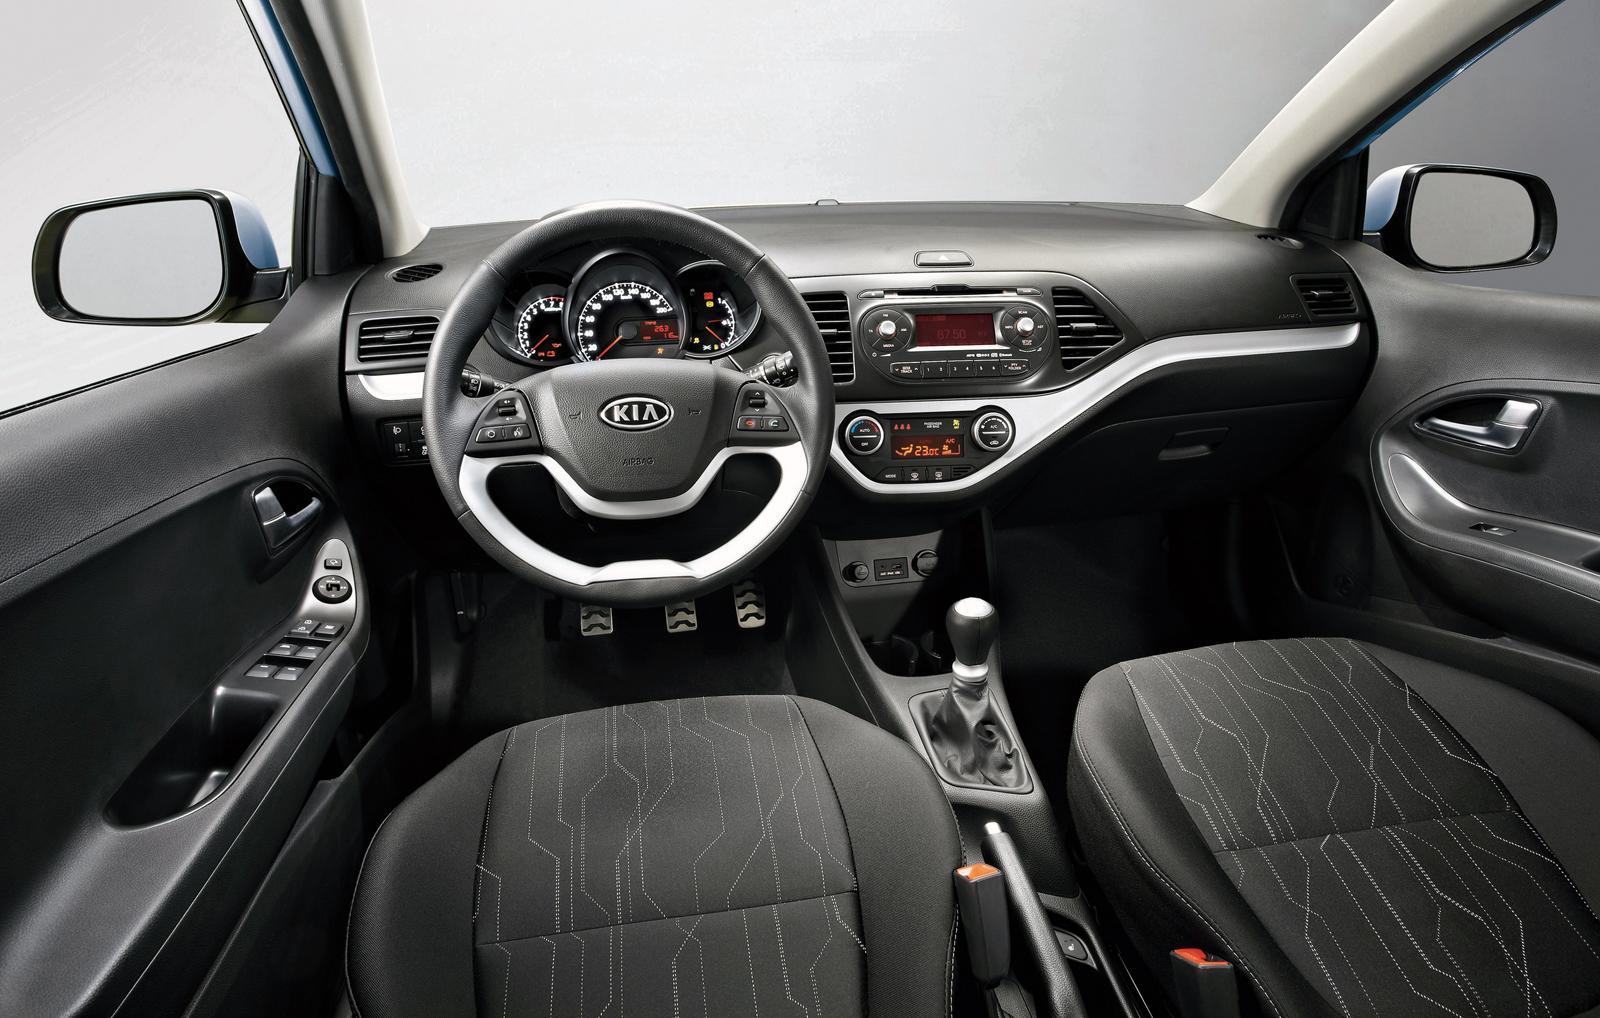 Tư vấn mua ô tô: Với 300 triệu có nên mua Kia Morning?